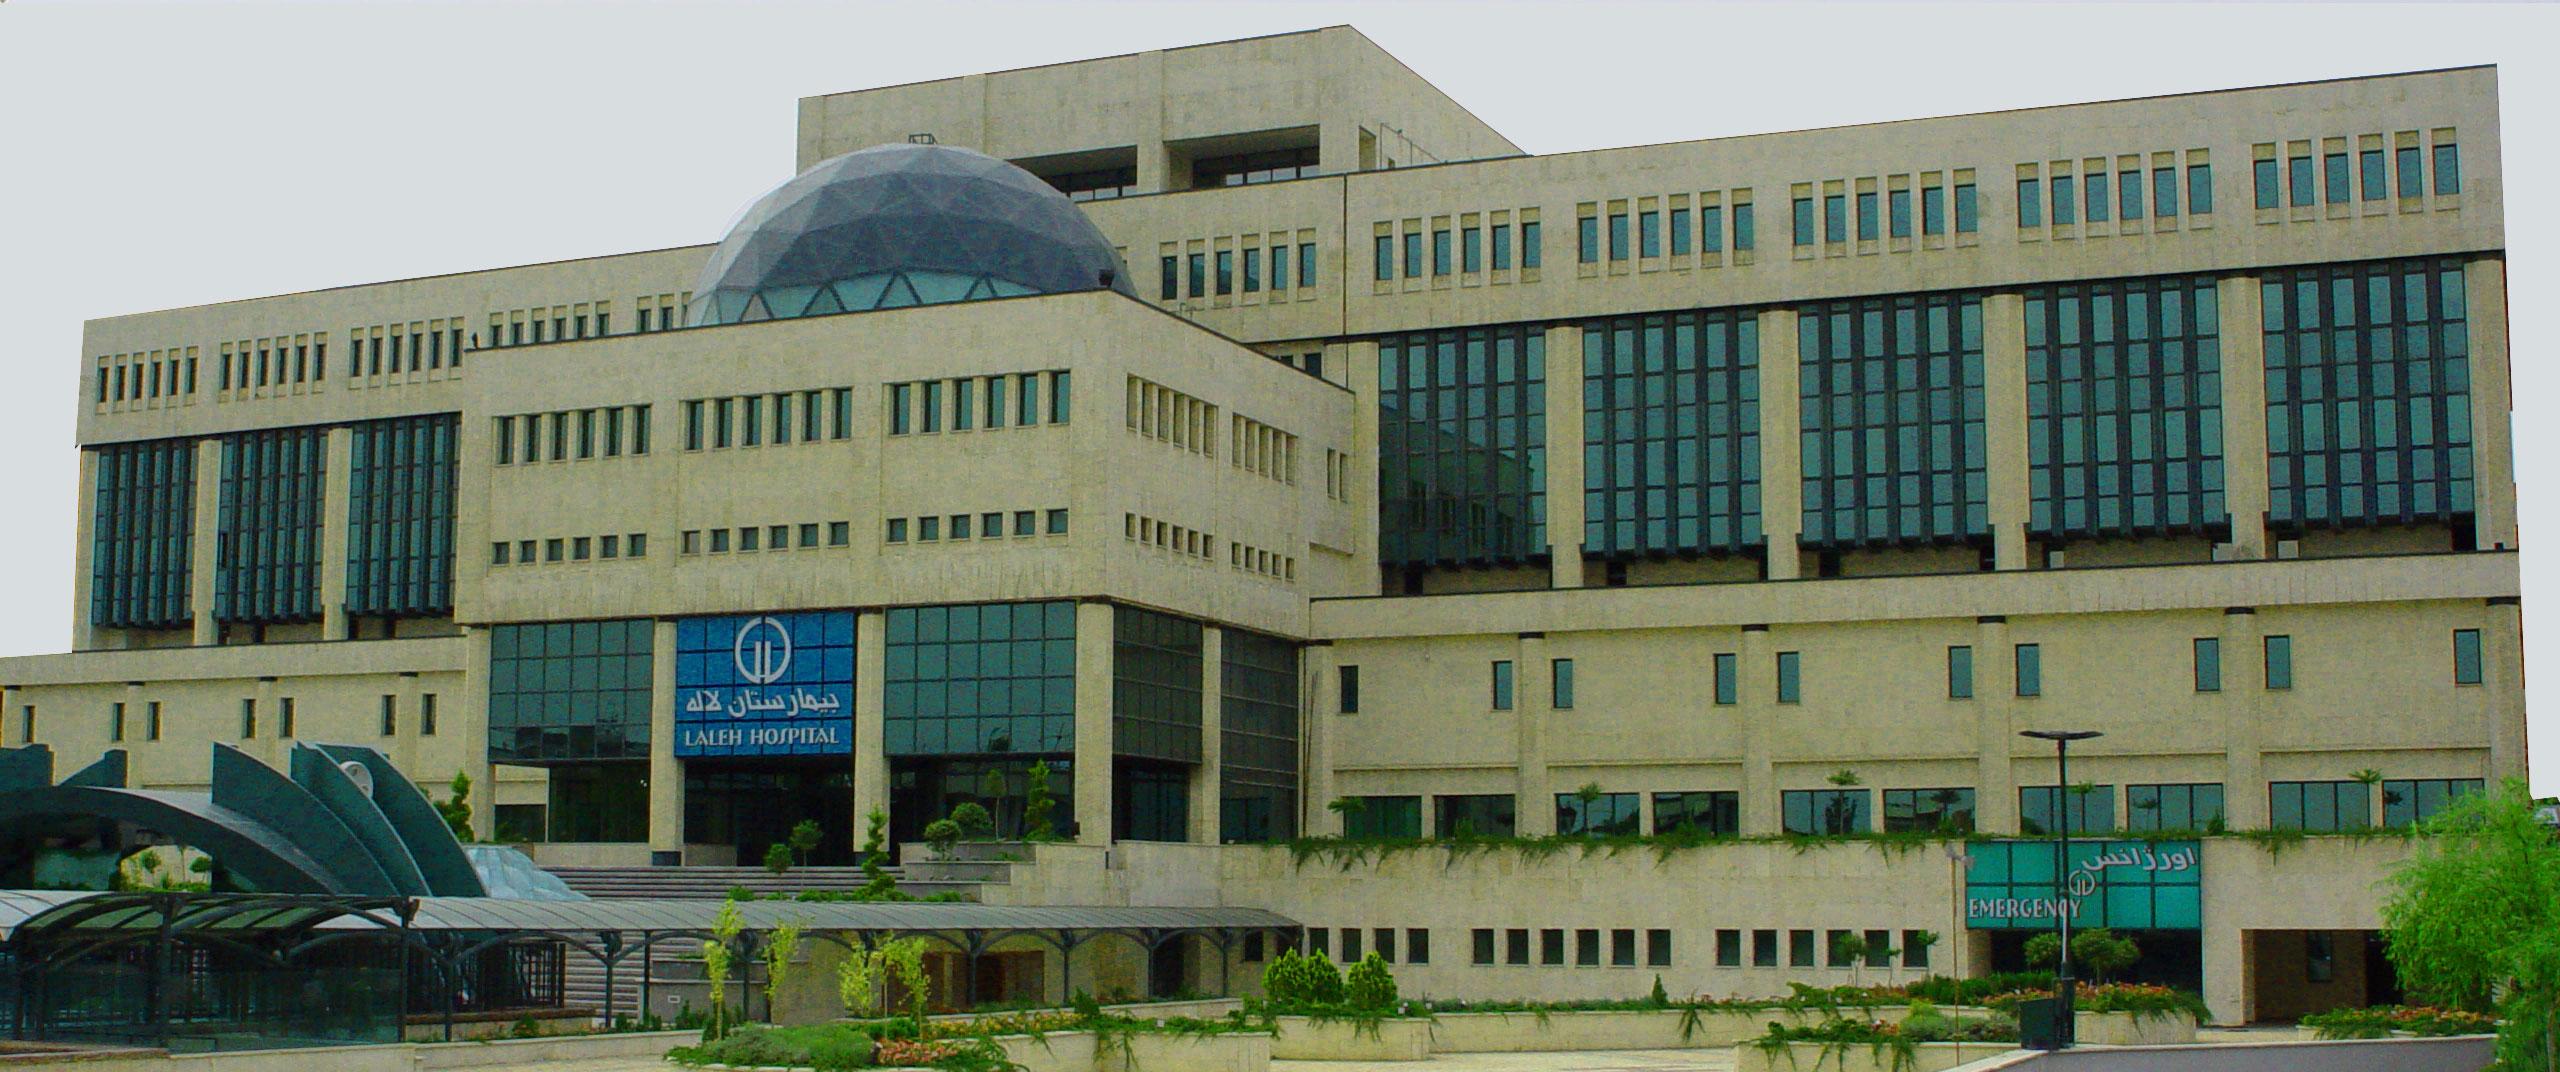 بیمارستان تخصصی و فوق تخصصی لاله تهران